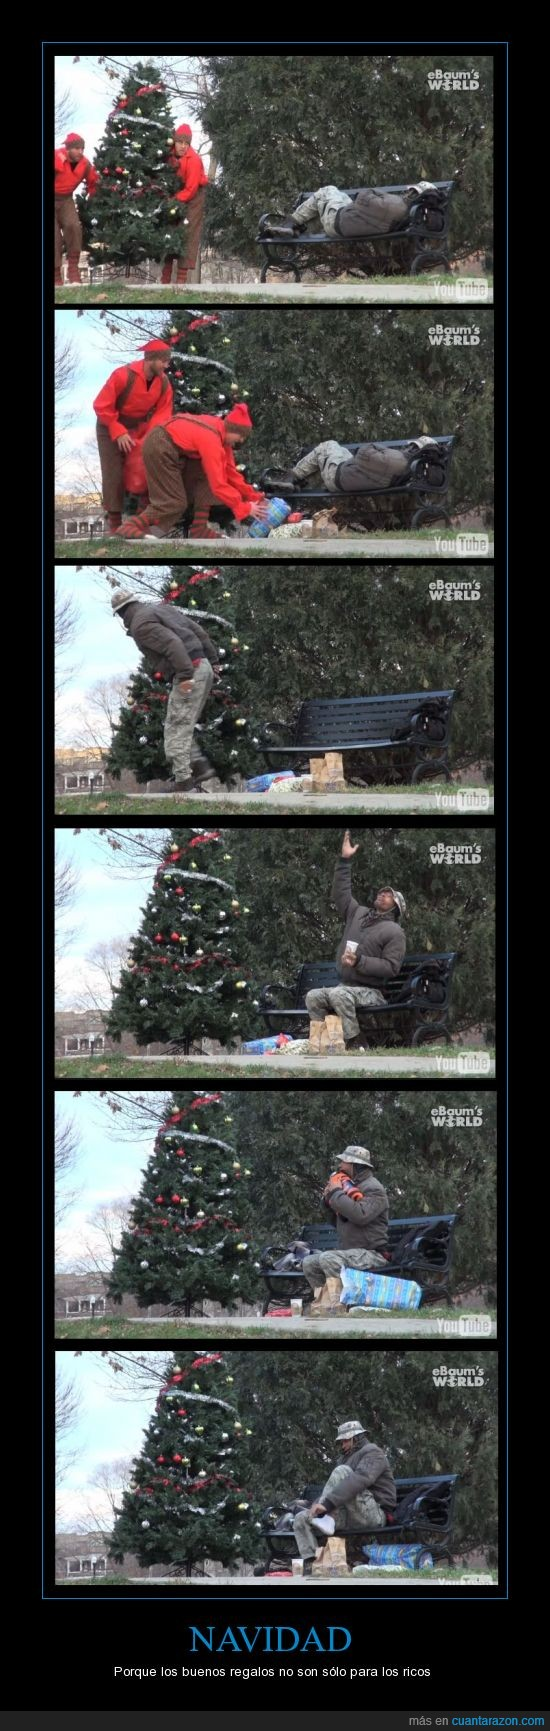 árbol,buena gente,Navidad,pobre,regalos,ricos,vagabundo